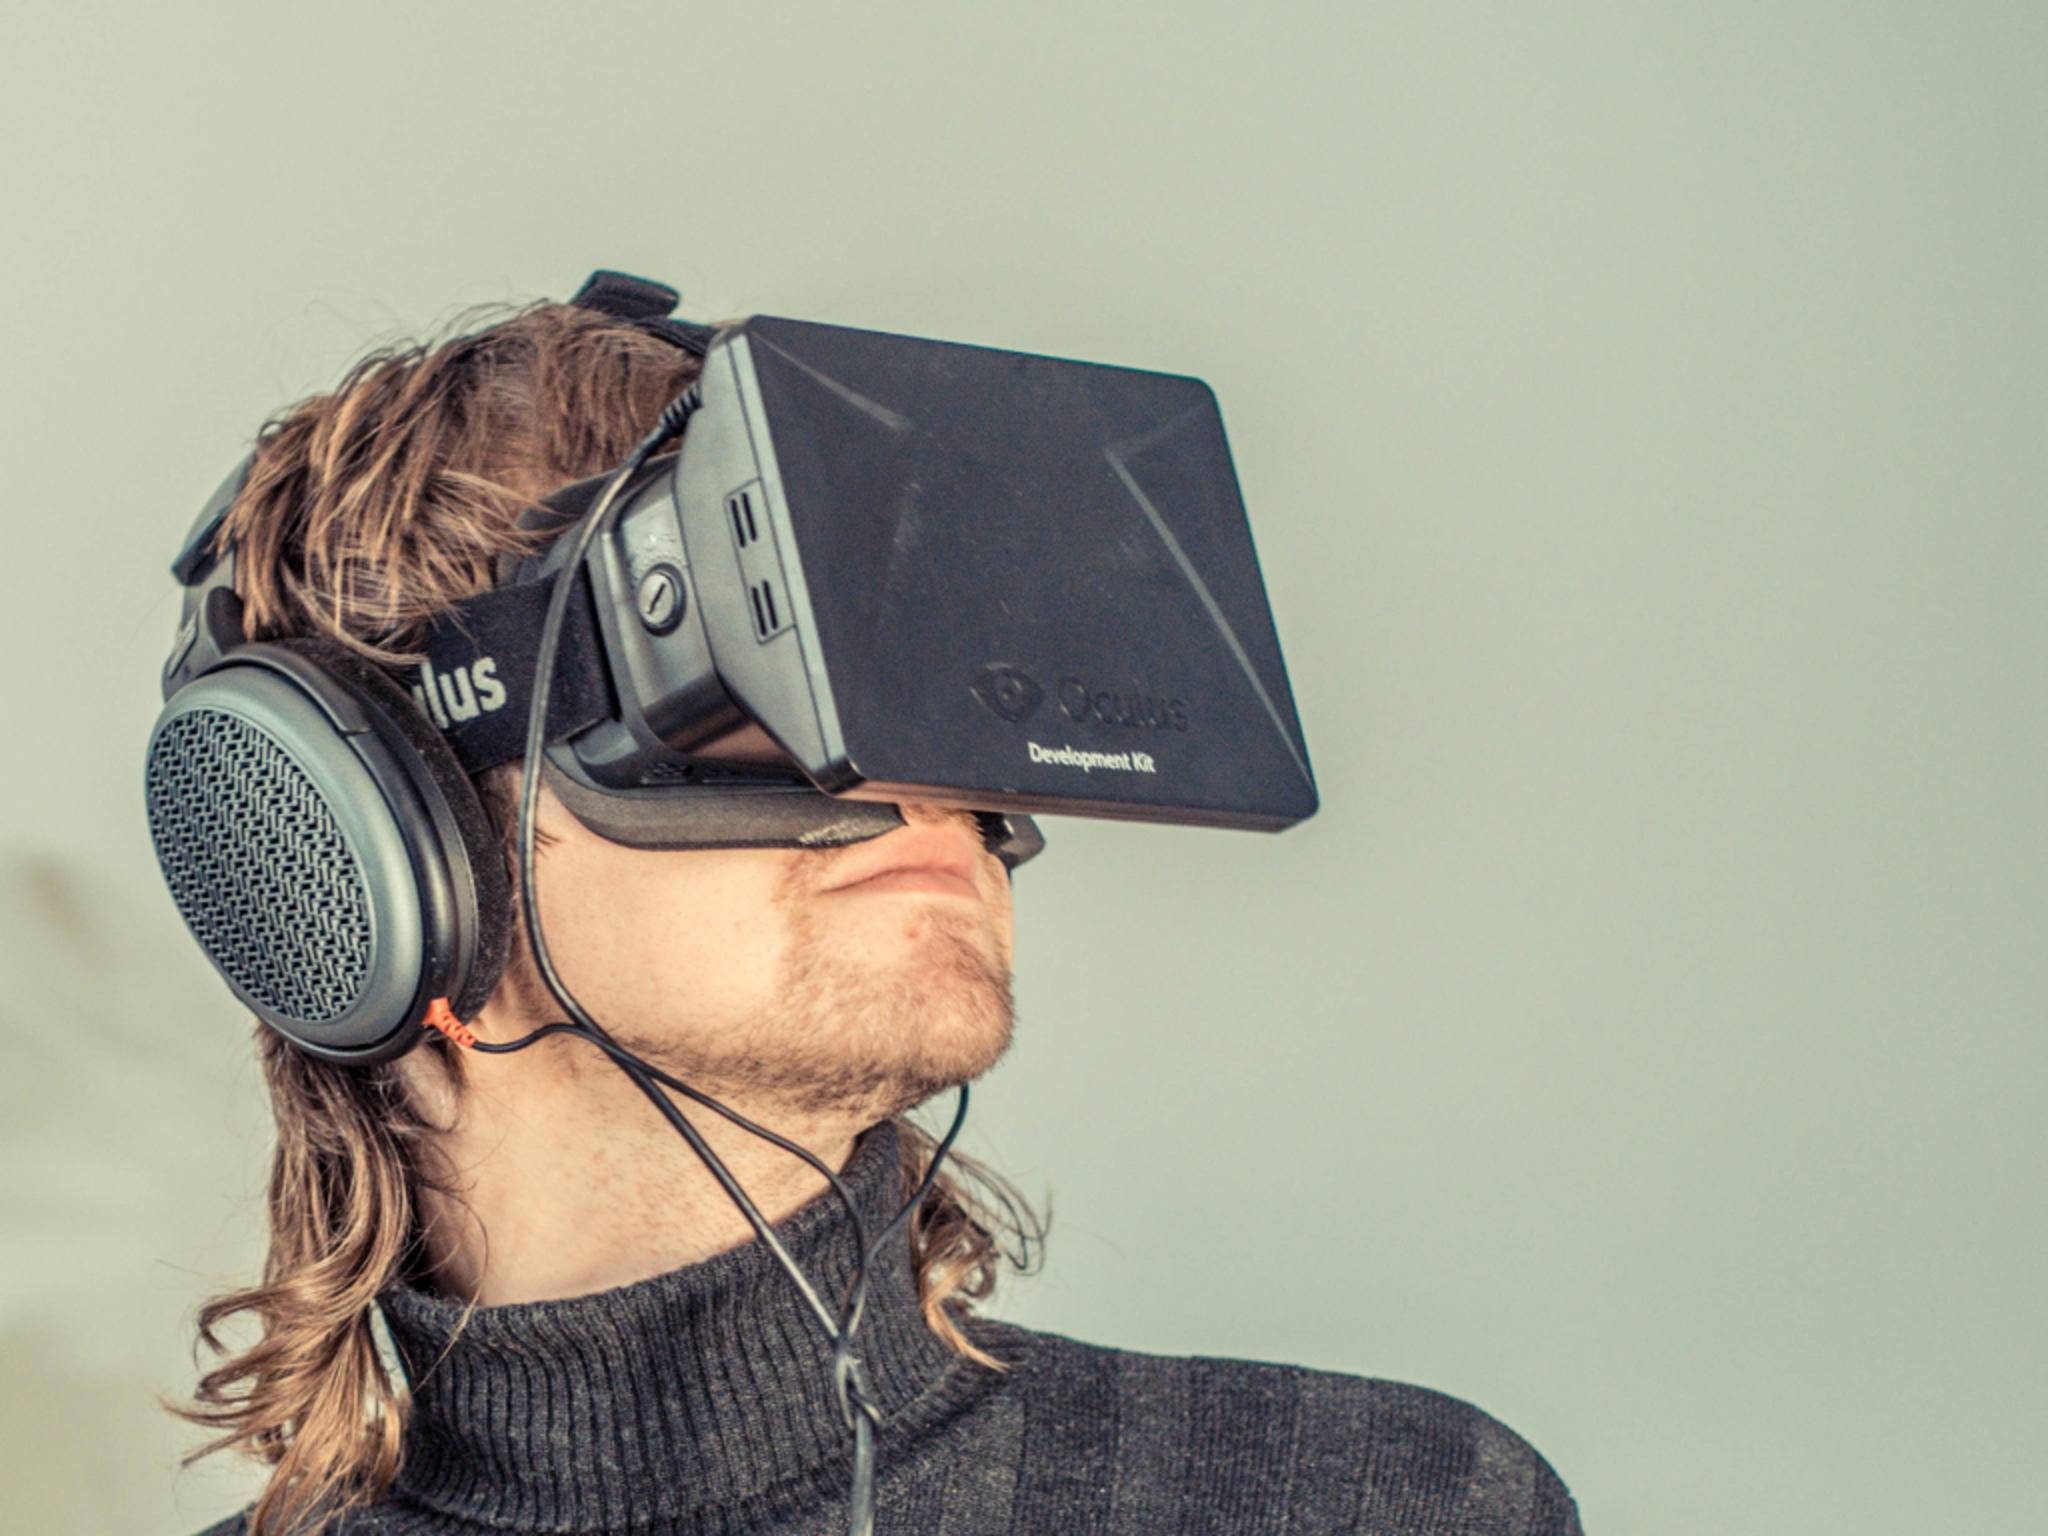 Ein Künstler will die Virtual-Reality-Brille Oculus Rift 28 Tage am Stück tragen.